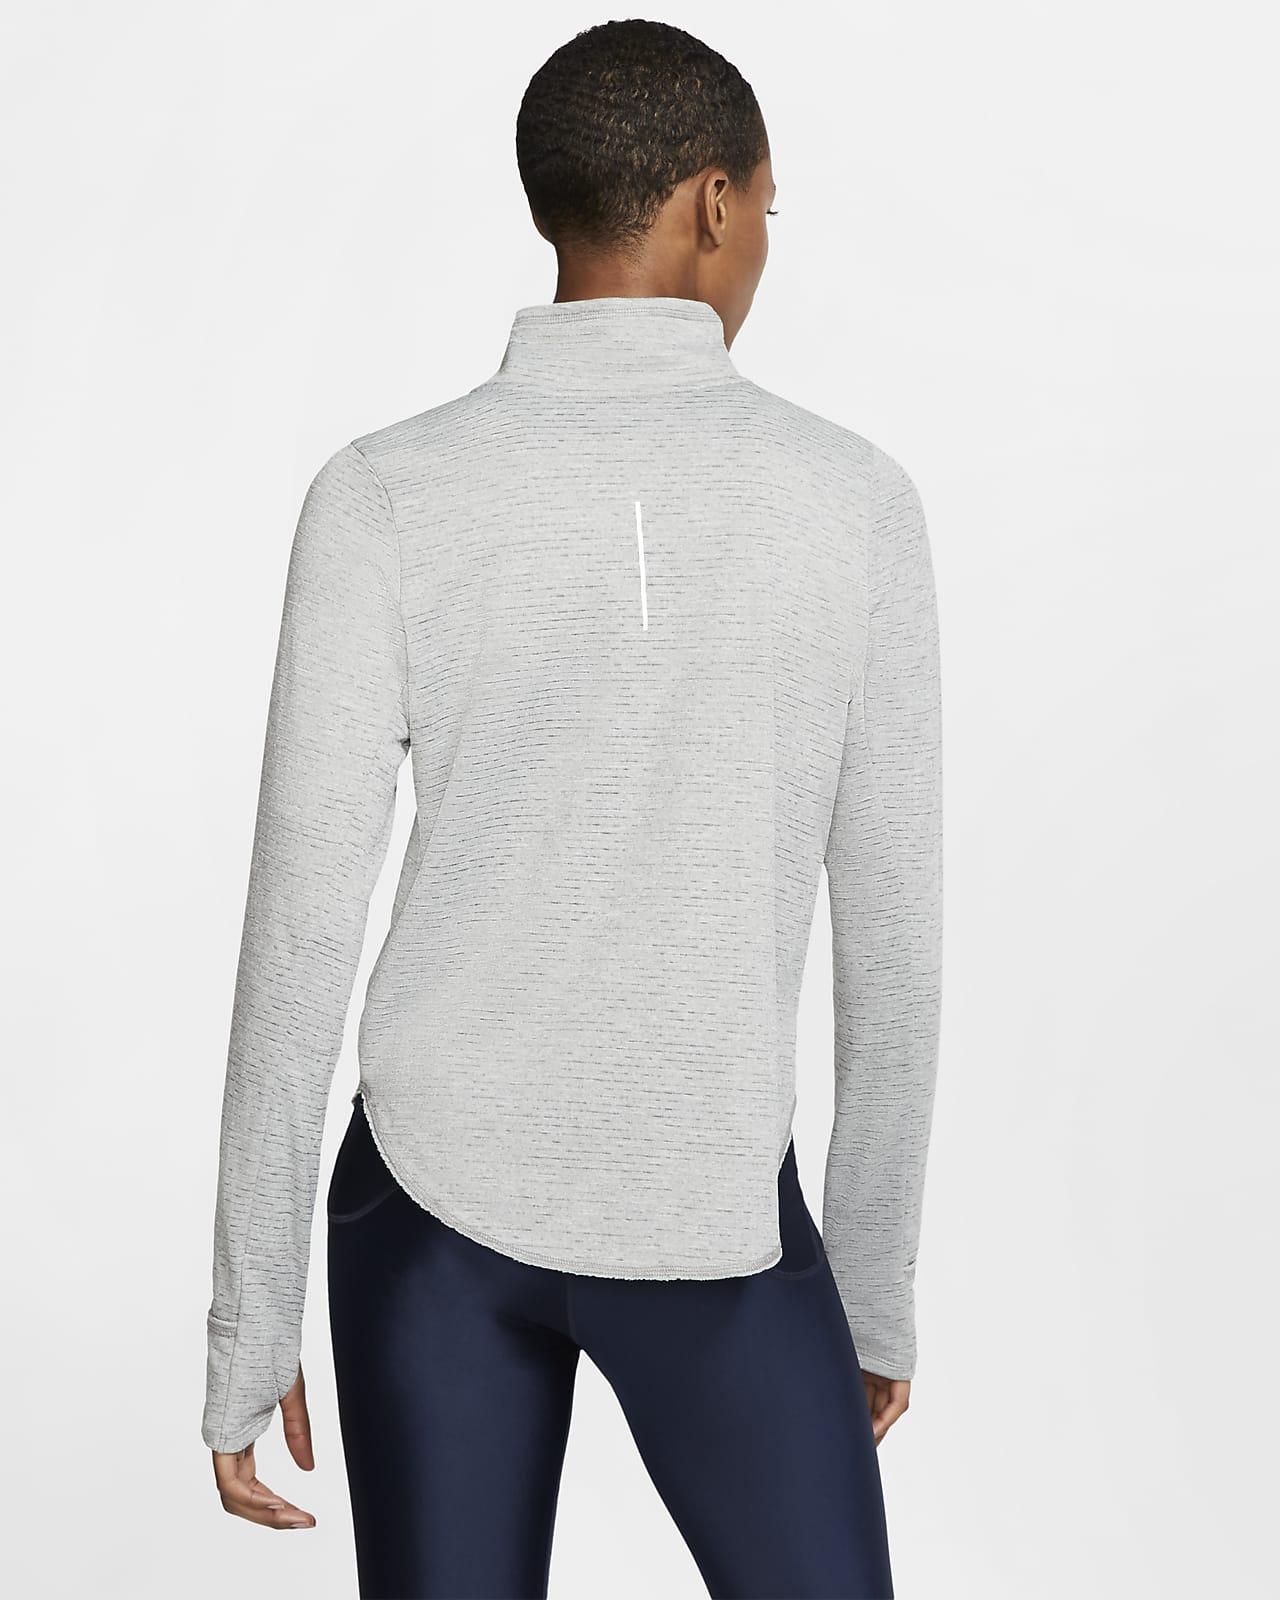 Nike Sphere Element Women's Half-Zip